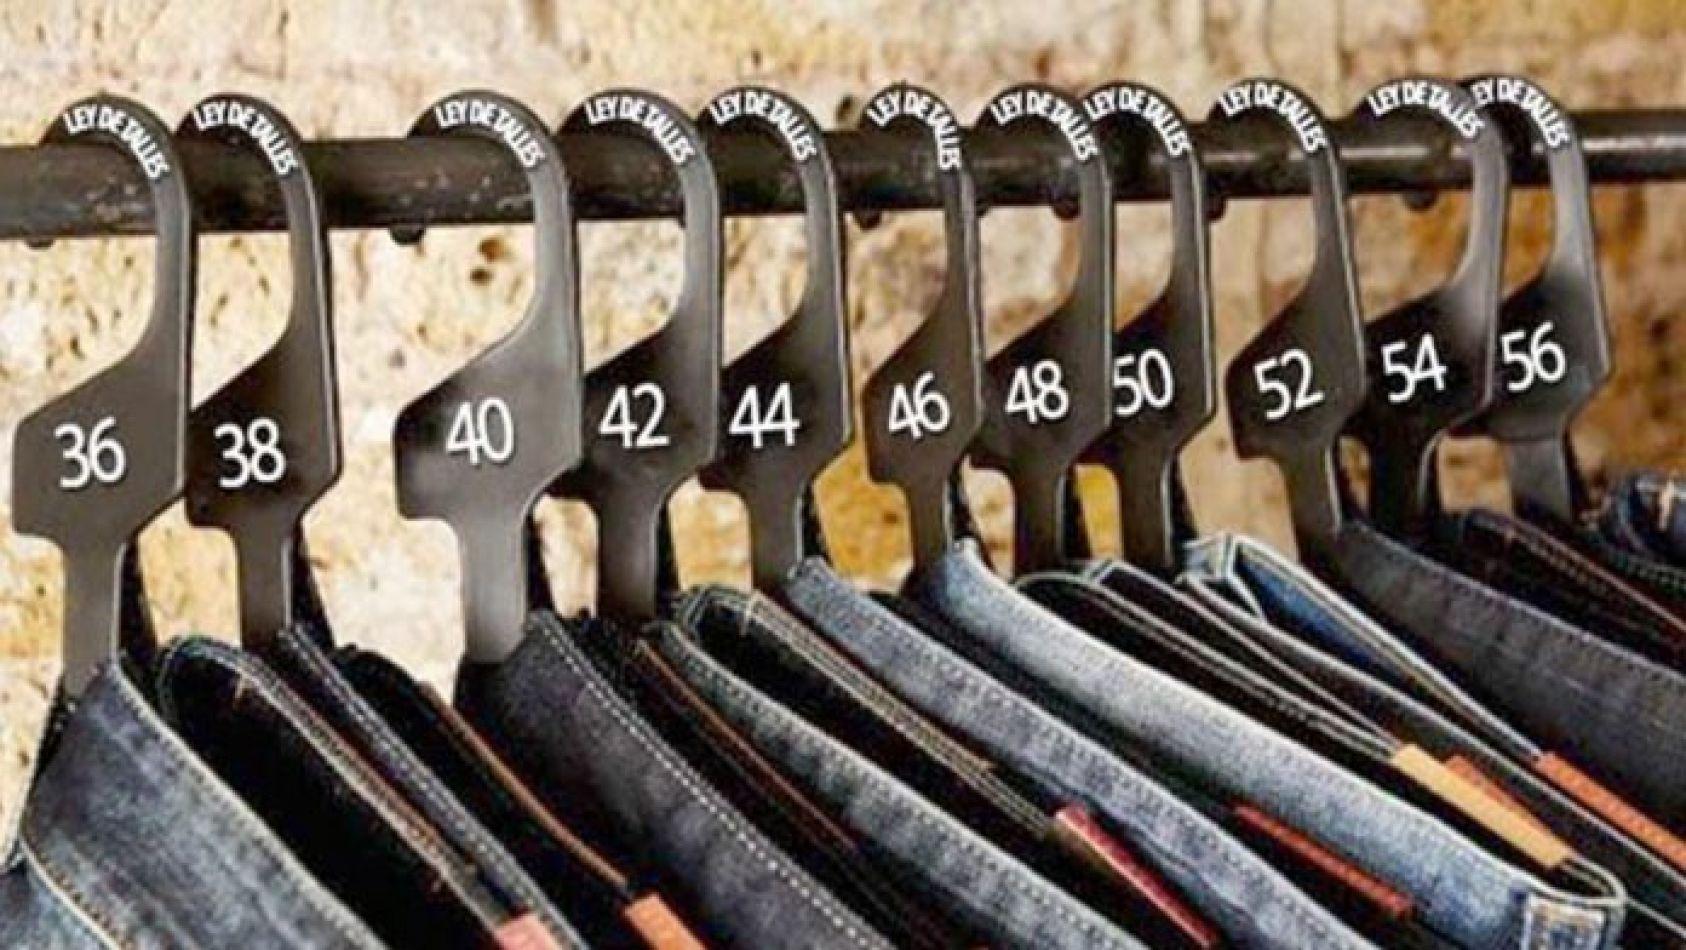 Ley de talles: en qué consiste la legislación aprobada por Diputados en el Congreso